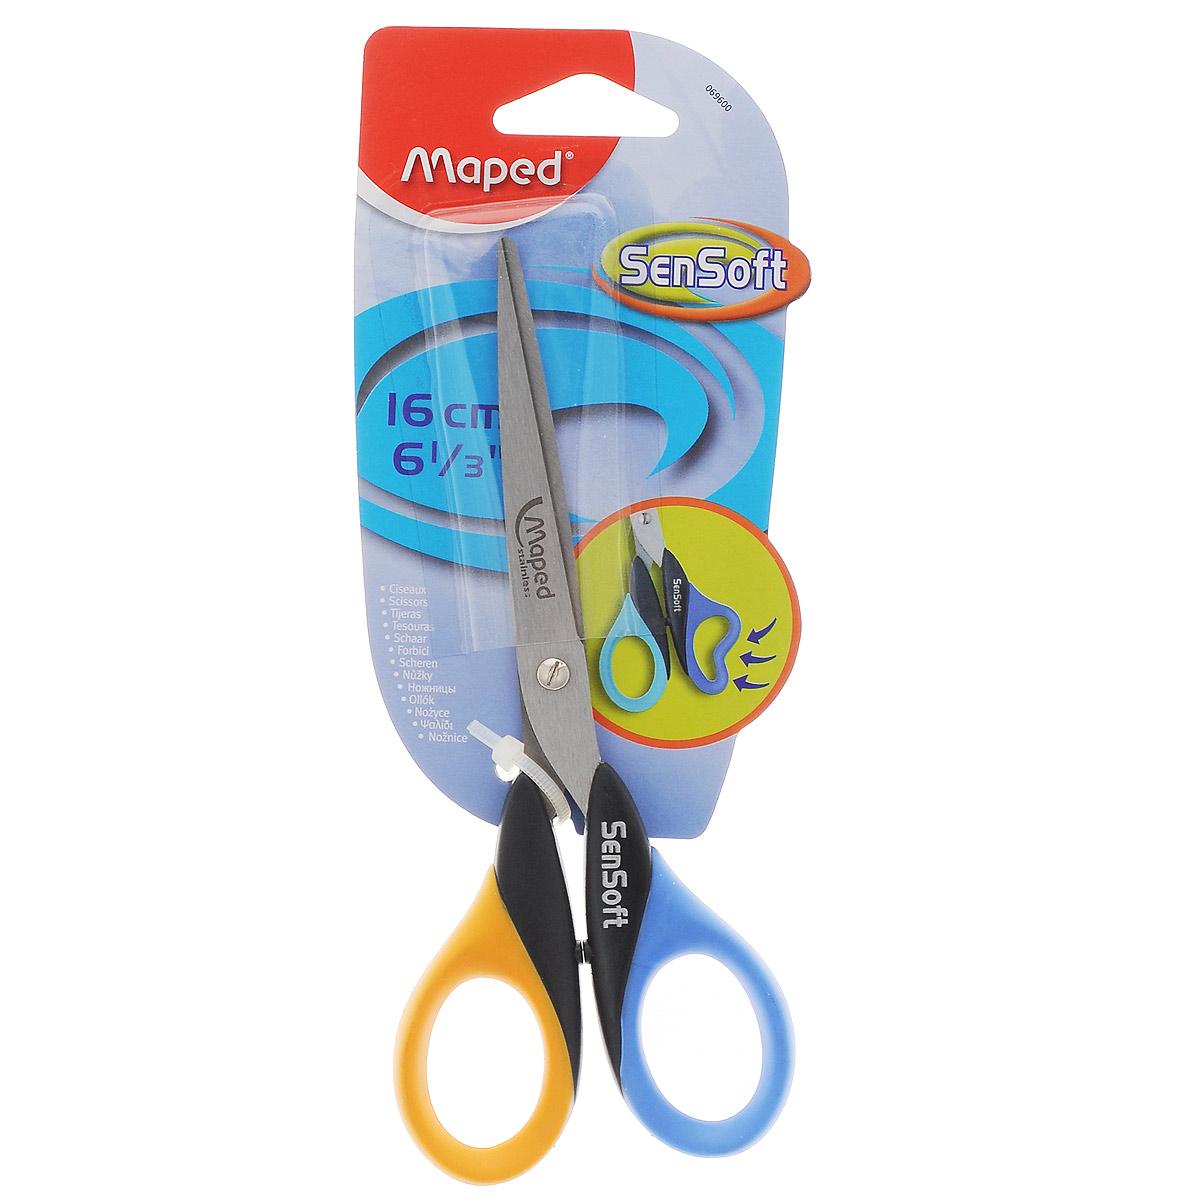 Maped Ножницы Sensoft цвет синий желтый 16 см69600_синий, желтыйЛезвия ножниц Sensoft выполнены из шлифованной нержавеющей стали и отлично режут бумагу, картон, ткань, клеенку. Гнущиеся гибкие кольца ножниц делают резку абсолютно комфортной. Рекомендовано детям старше пяти лет.